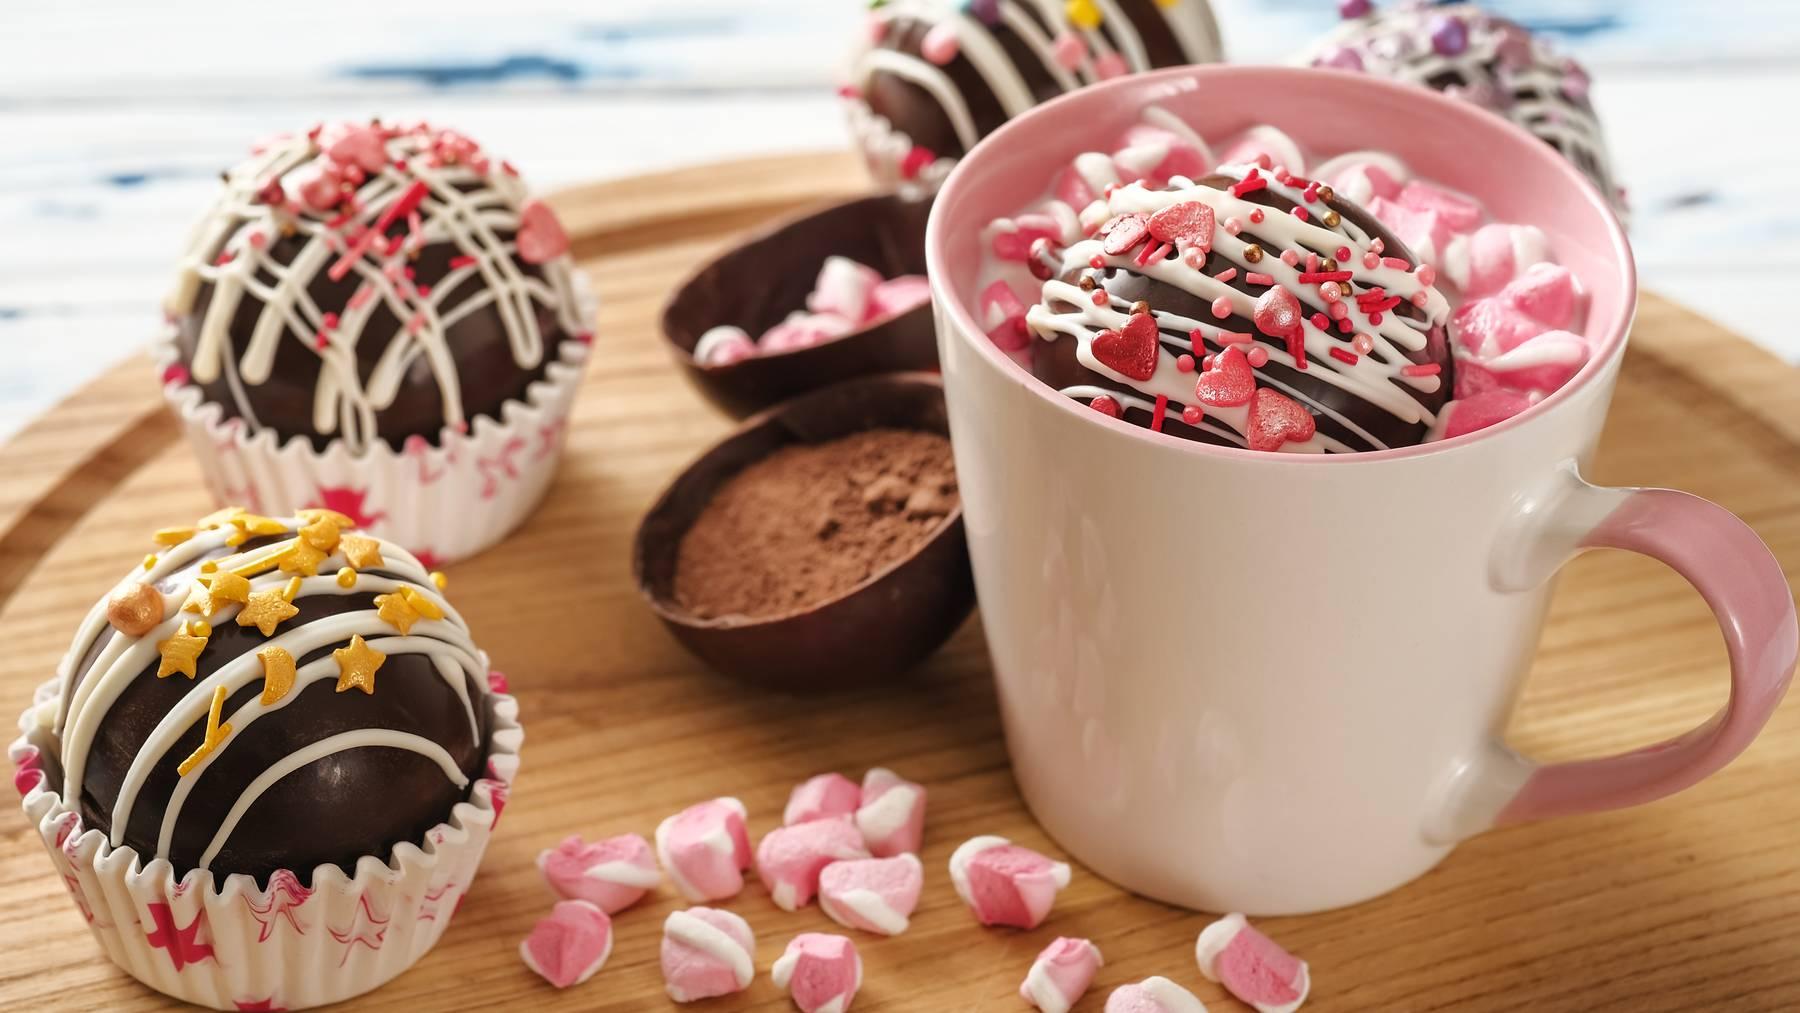 Die heisse Schoggi oder den Kaffee mal mit verschiedenen Zutaten verfeinern und ausprobieren.